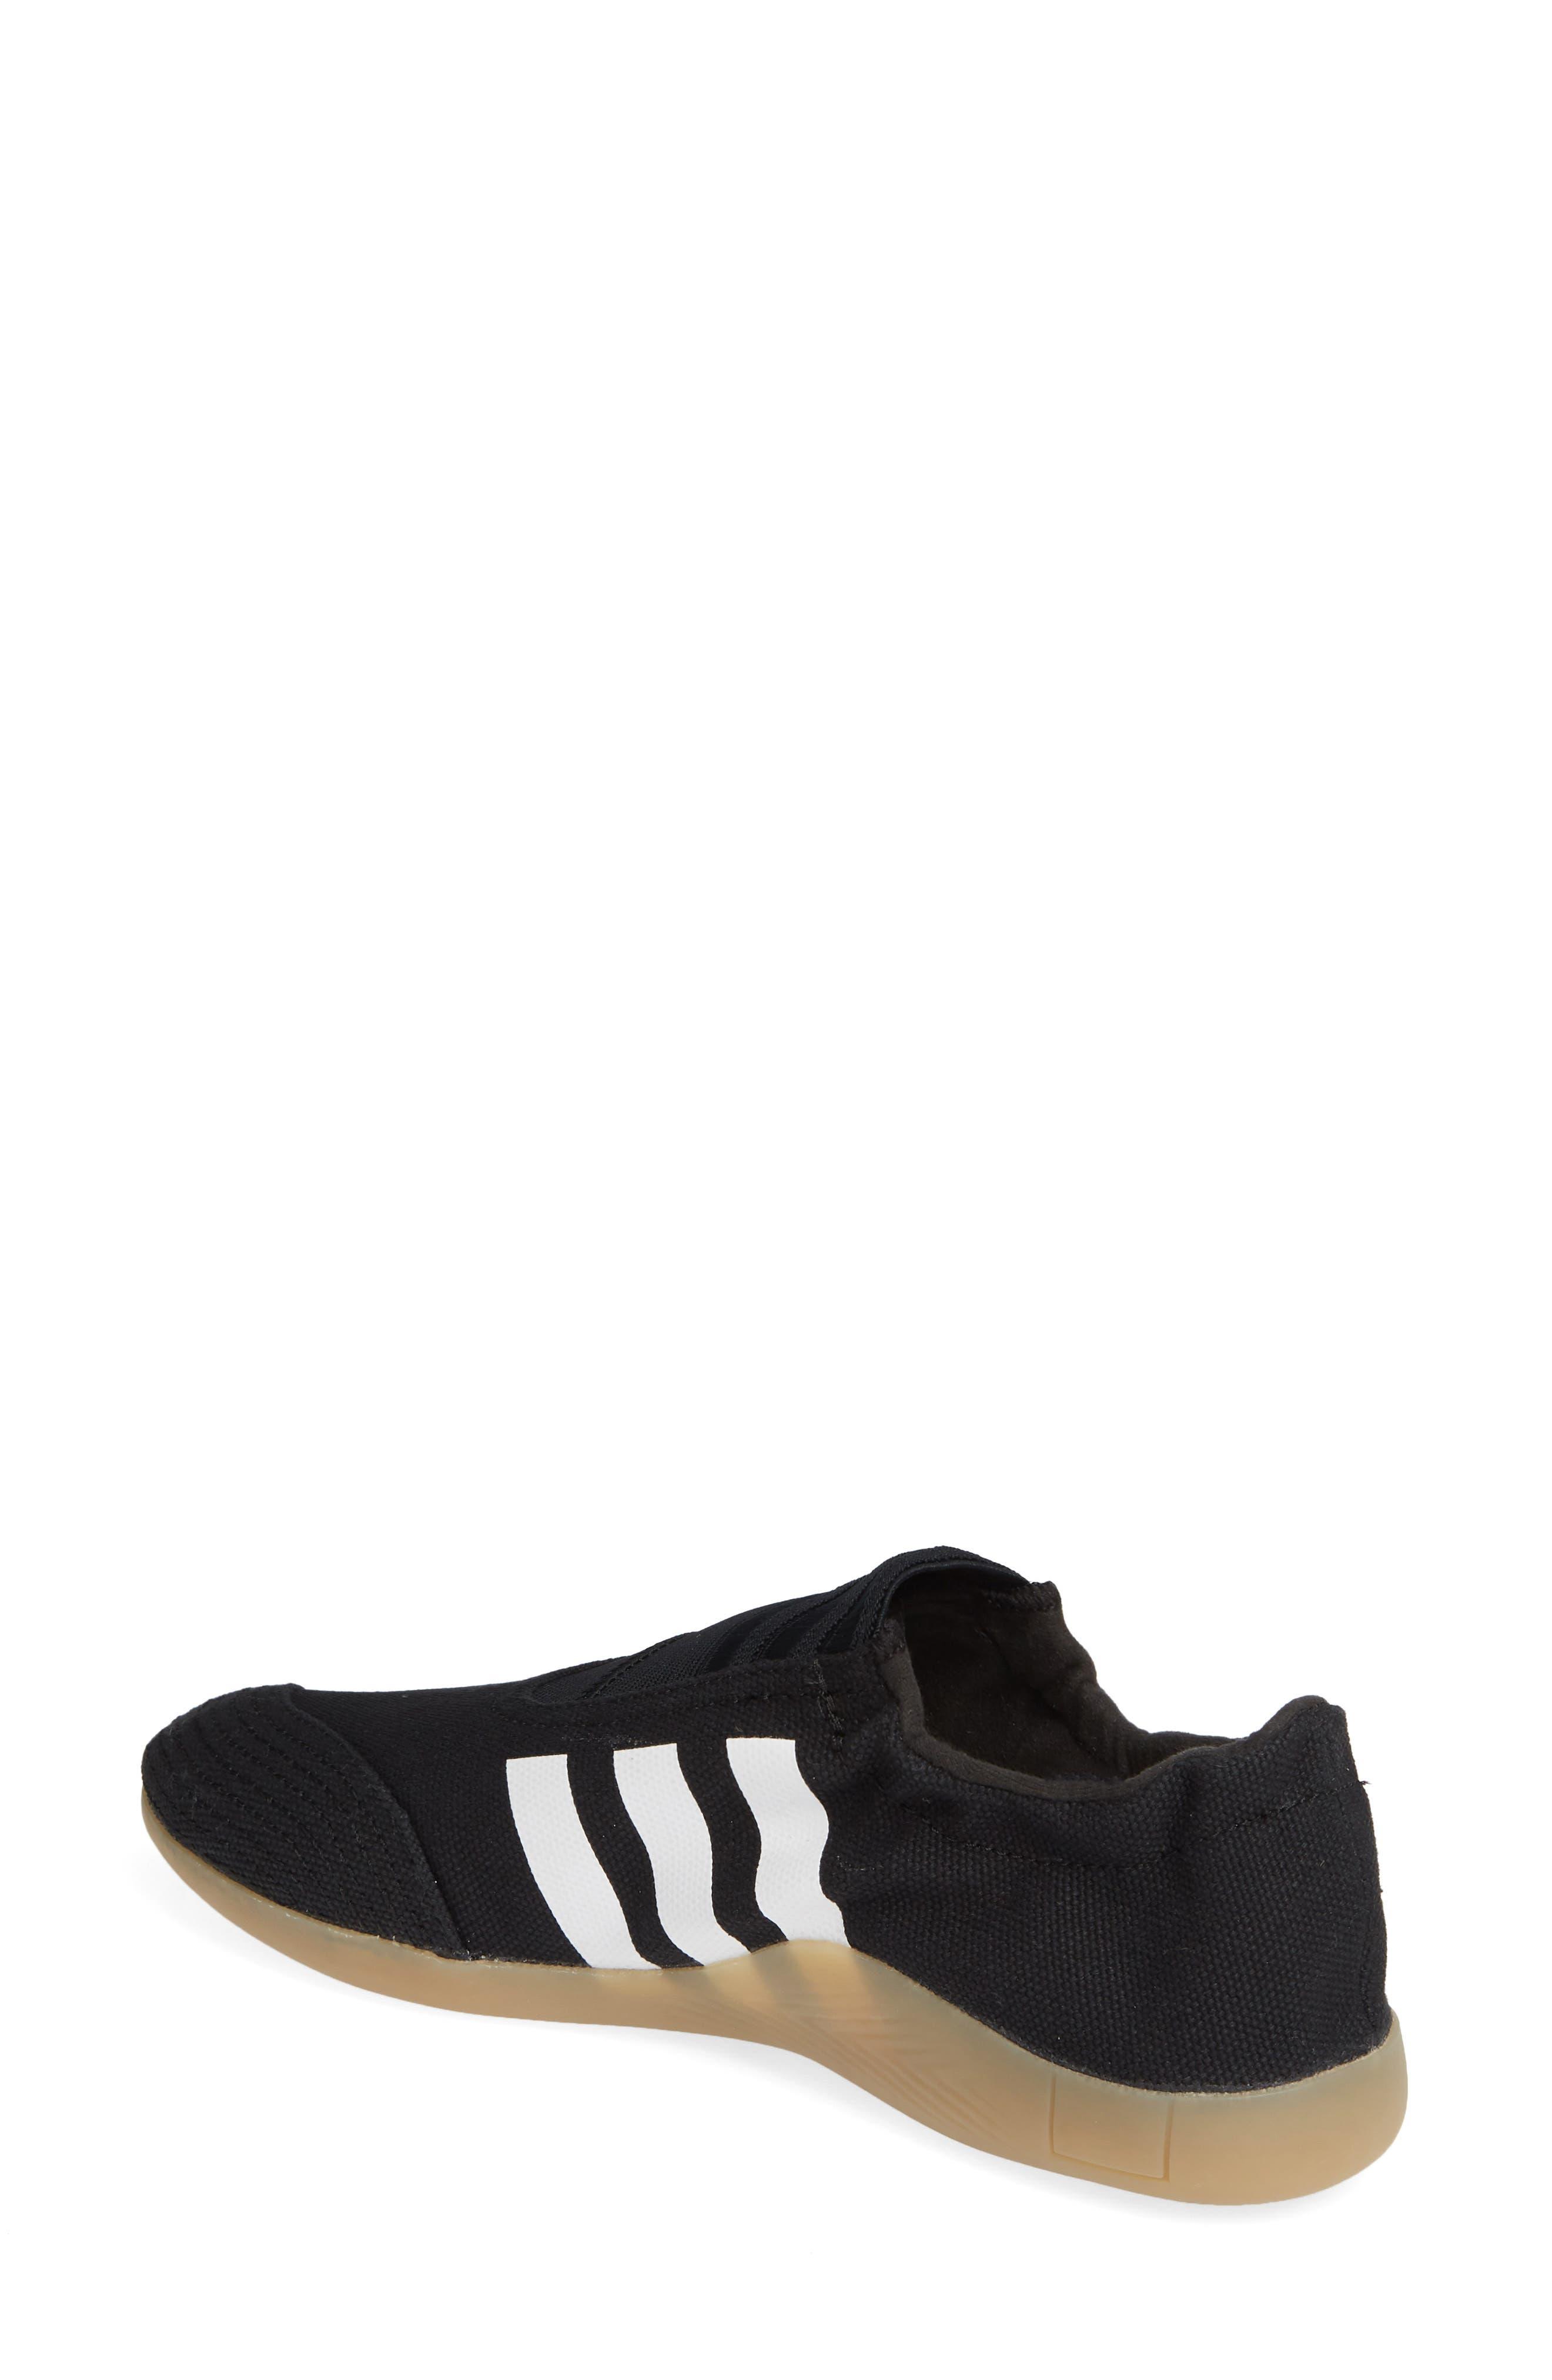 Taekwondo Slip-On Sneaker,                             Alternate thumbnail 2, color,                             CORE BLACK/ WHITE/ GUM 3